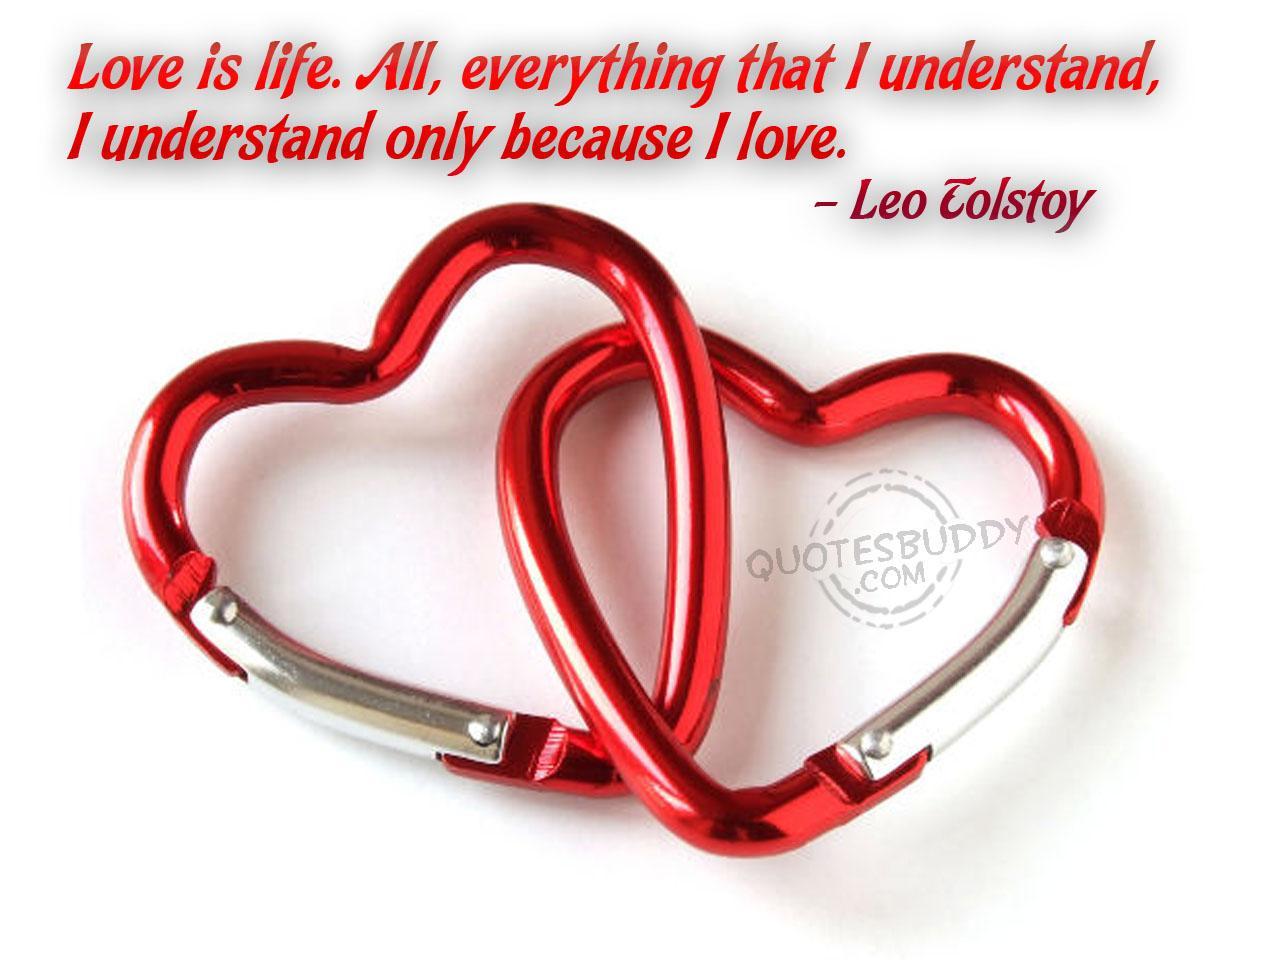 http://3.bp.blogspot.com/_52UCI5ZyFBs/TUkbDAQQIgI/AAAAAAAAA_U/HnwB10lYrA0/s1600/love-Quotes-Graphics-411.jpg